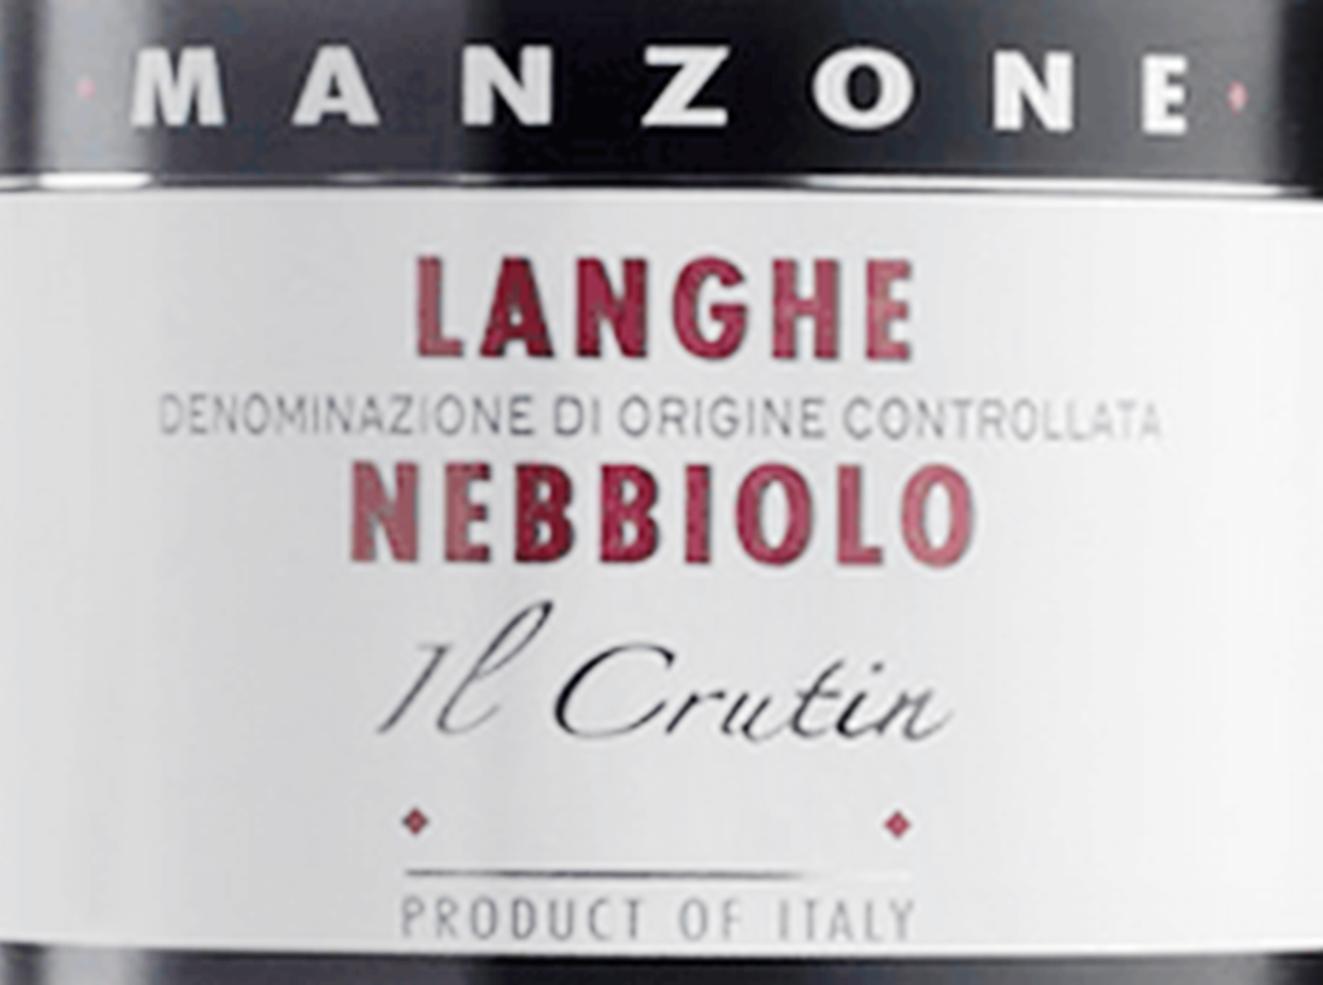 Giovanni Manzone Il Crutin Langhe Nebbiolo 2018